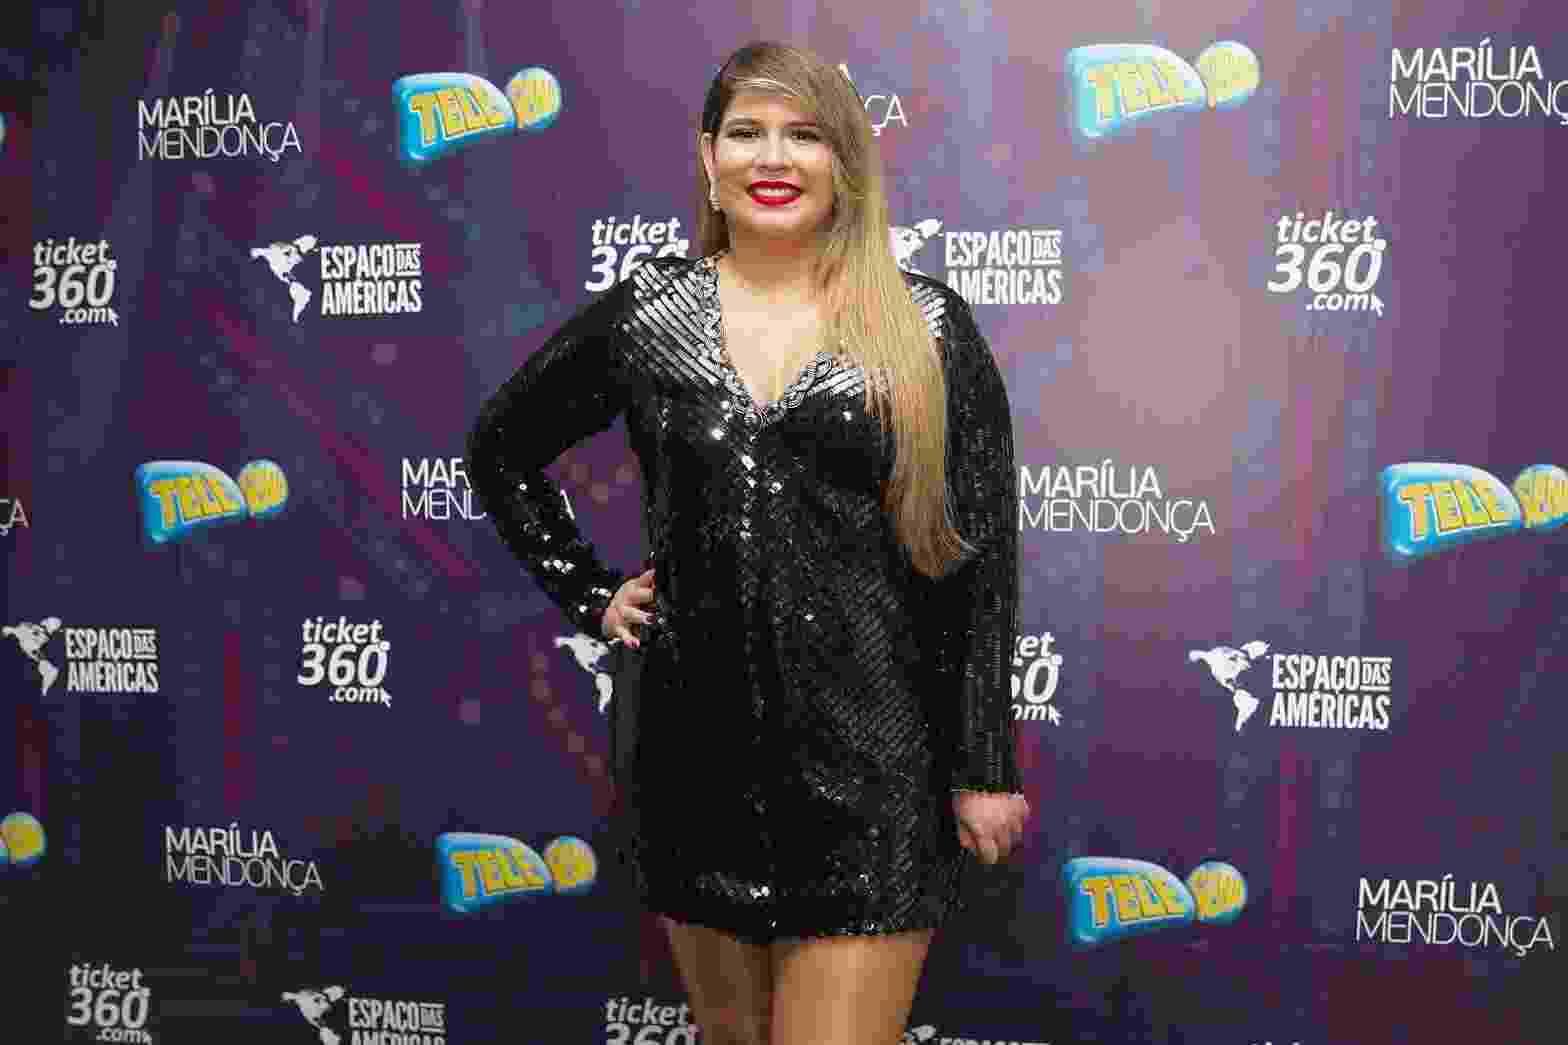 Cantora Marilia Mendonça chega para show no Espaço das Américas em São Paulo - Manuela Scarpa/Brazil News